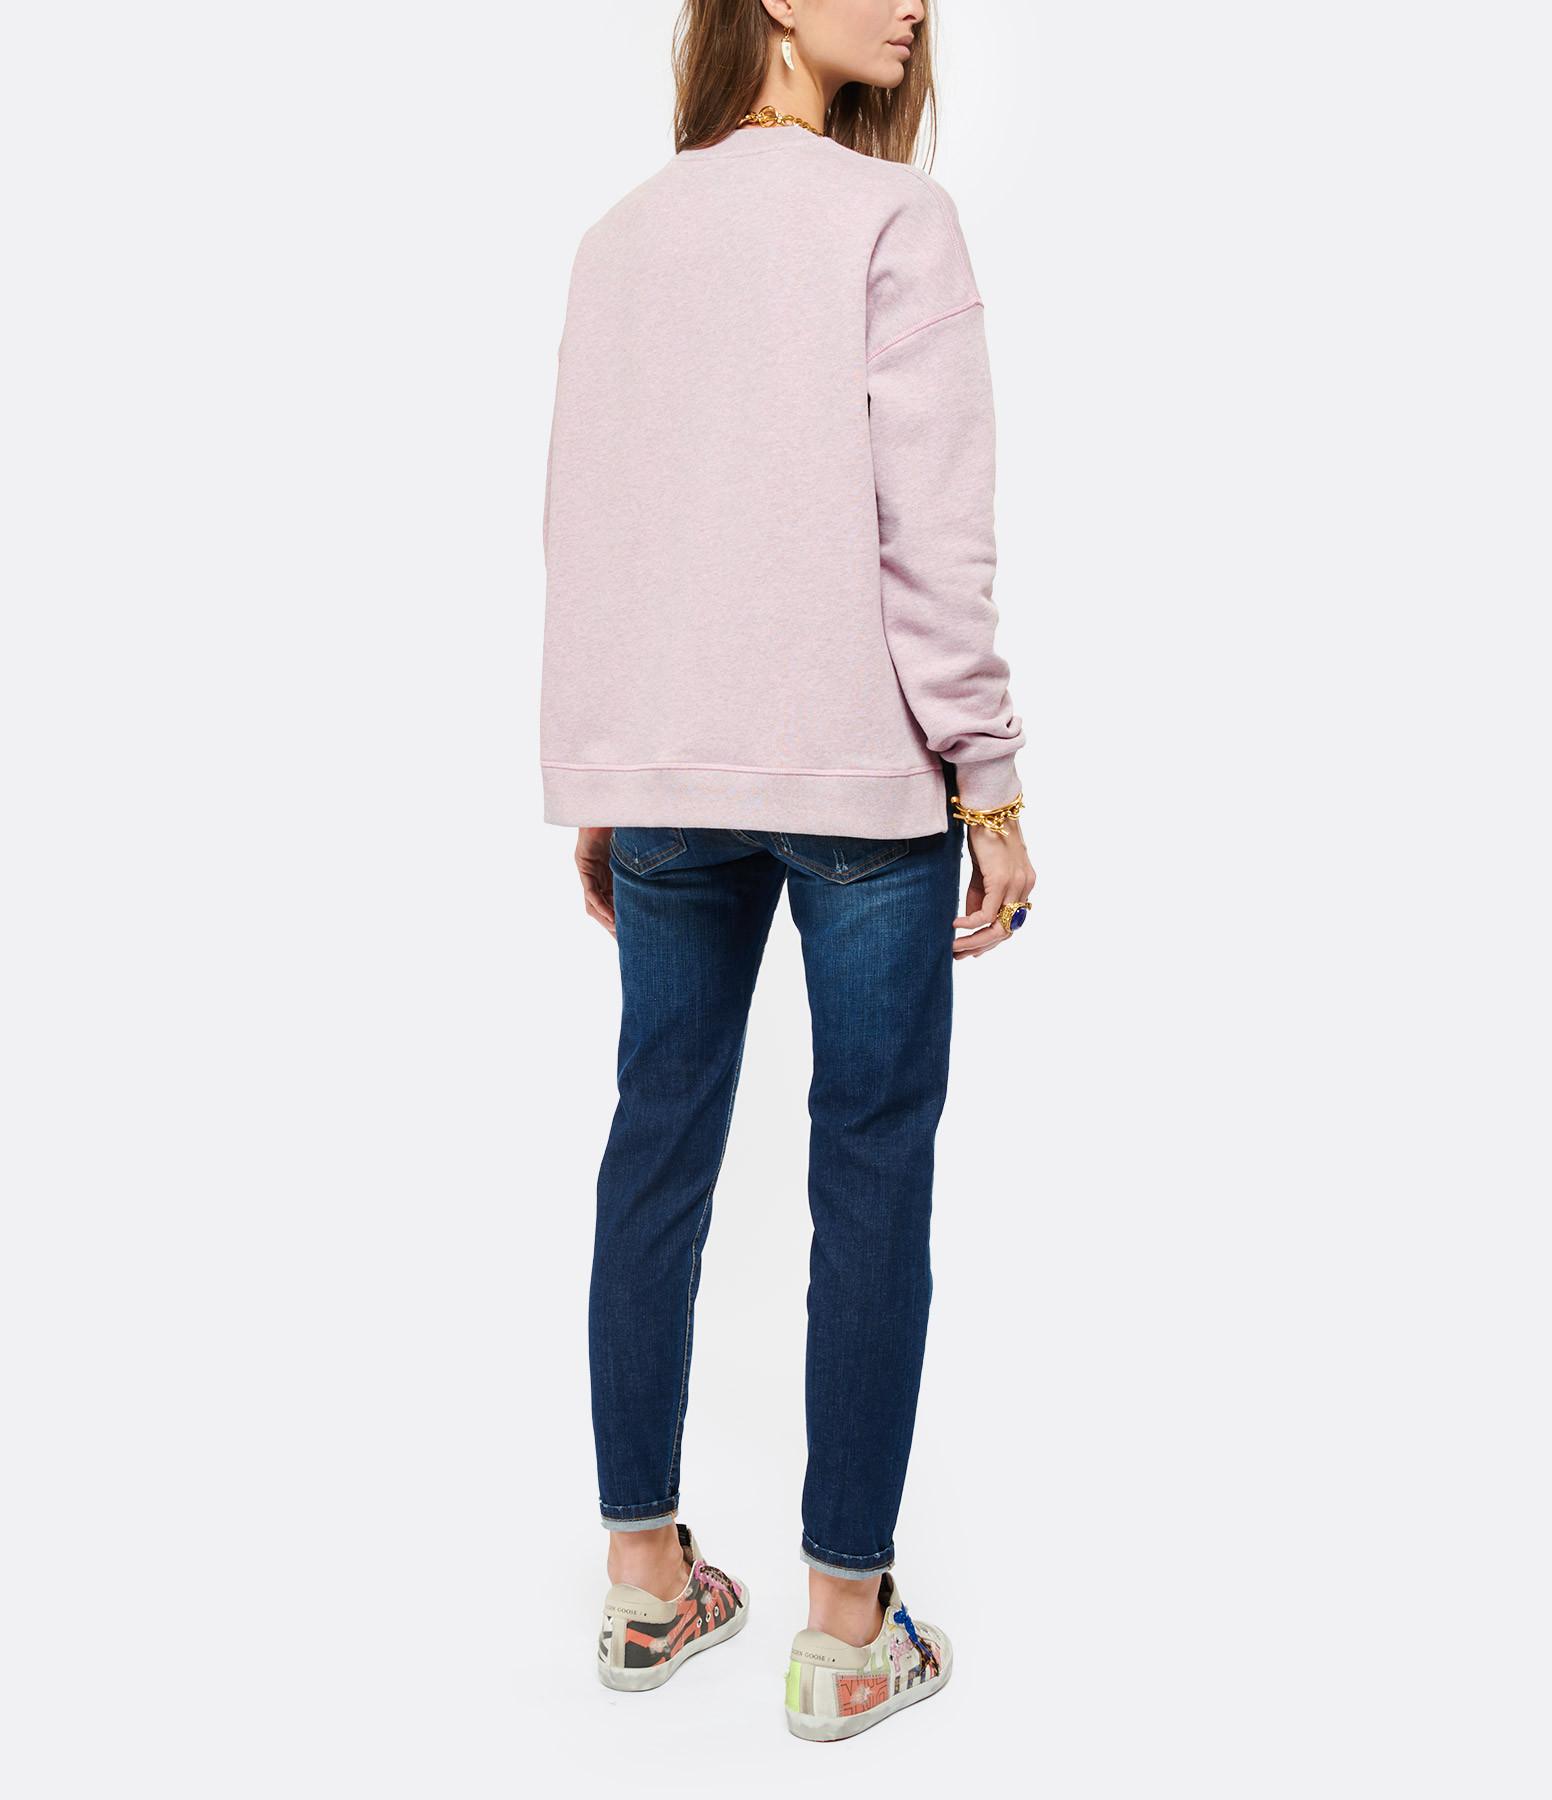 GANNI - Sweatshirt Ganni Coton Biologique Rose Pâle